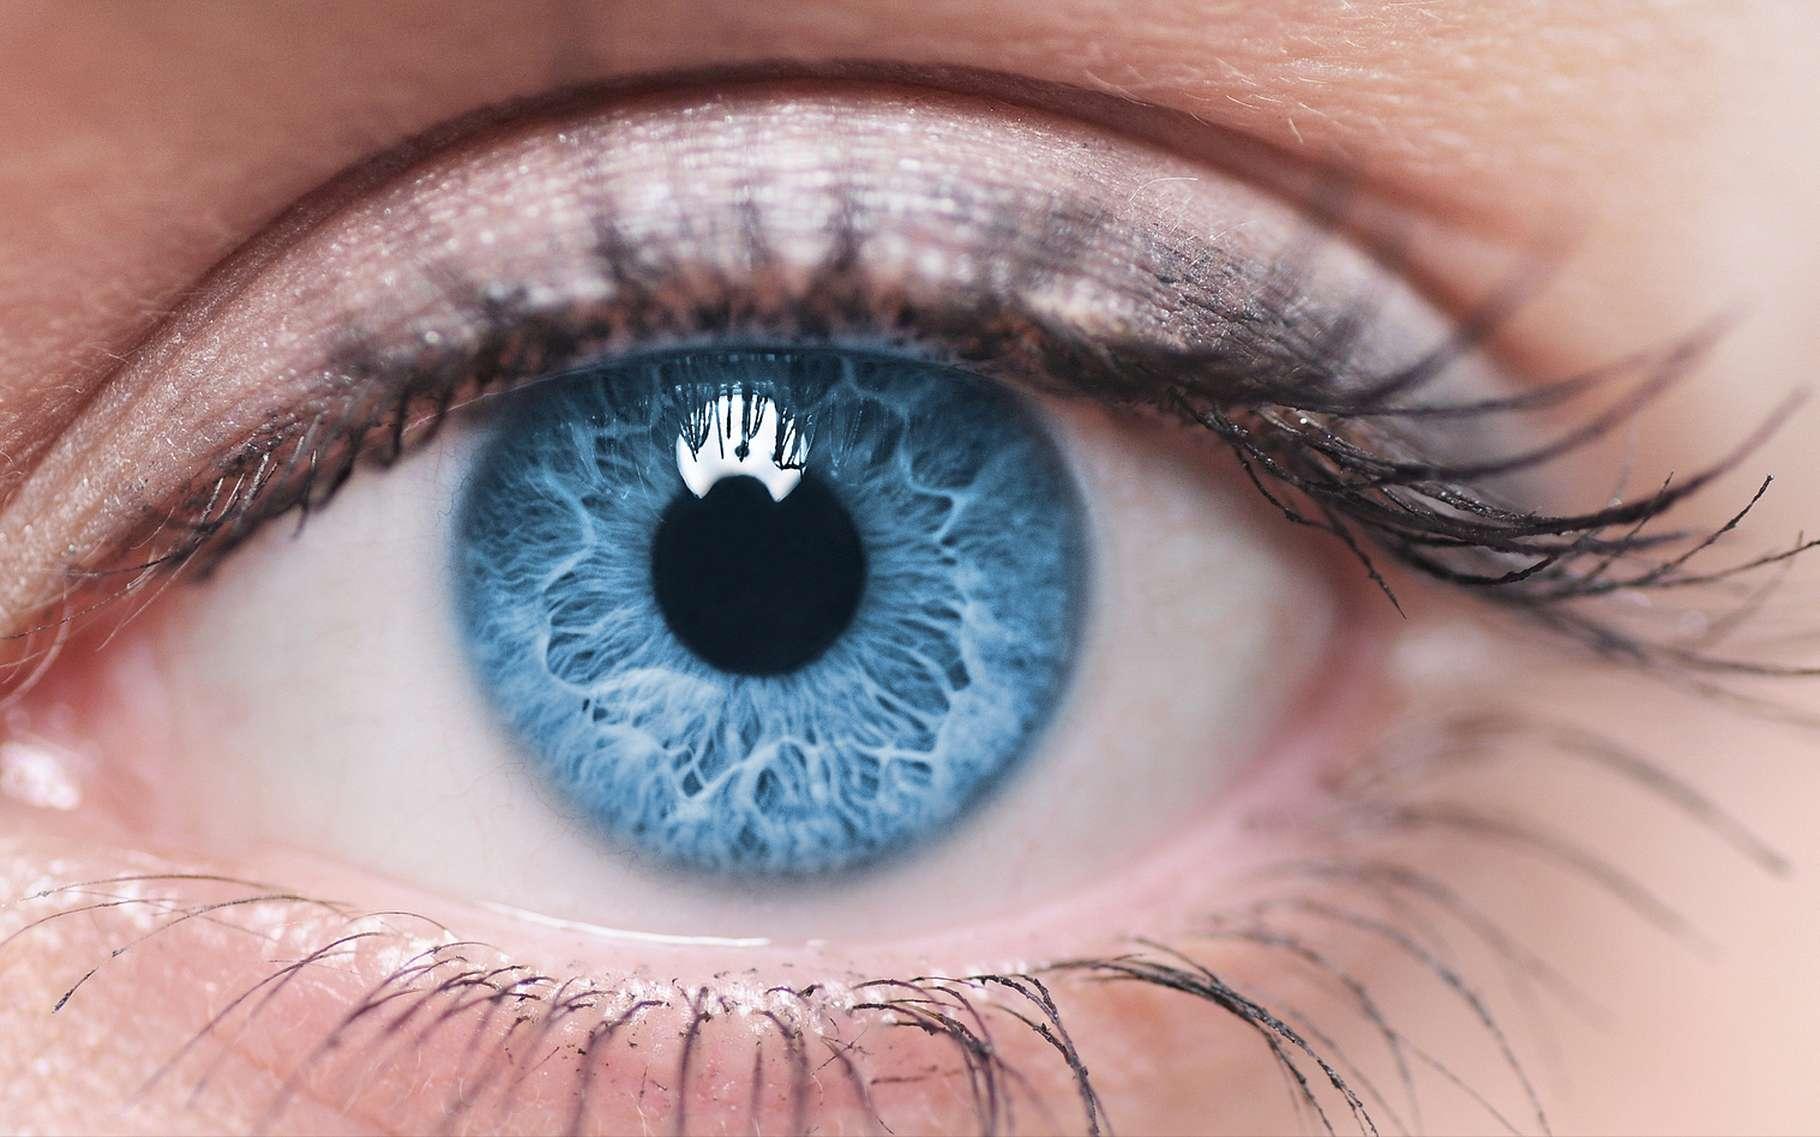 Les yeux, fragiles, doivent être protégés du soleil en été. © Piotr Krzeslak, Shutterstock